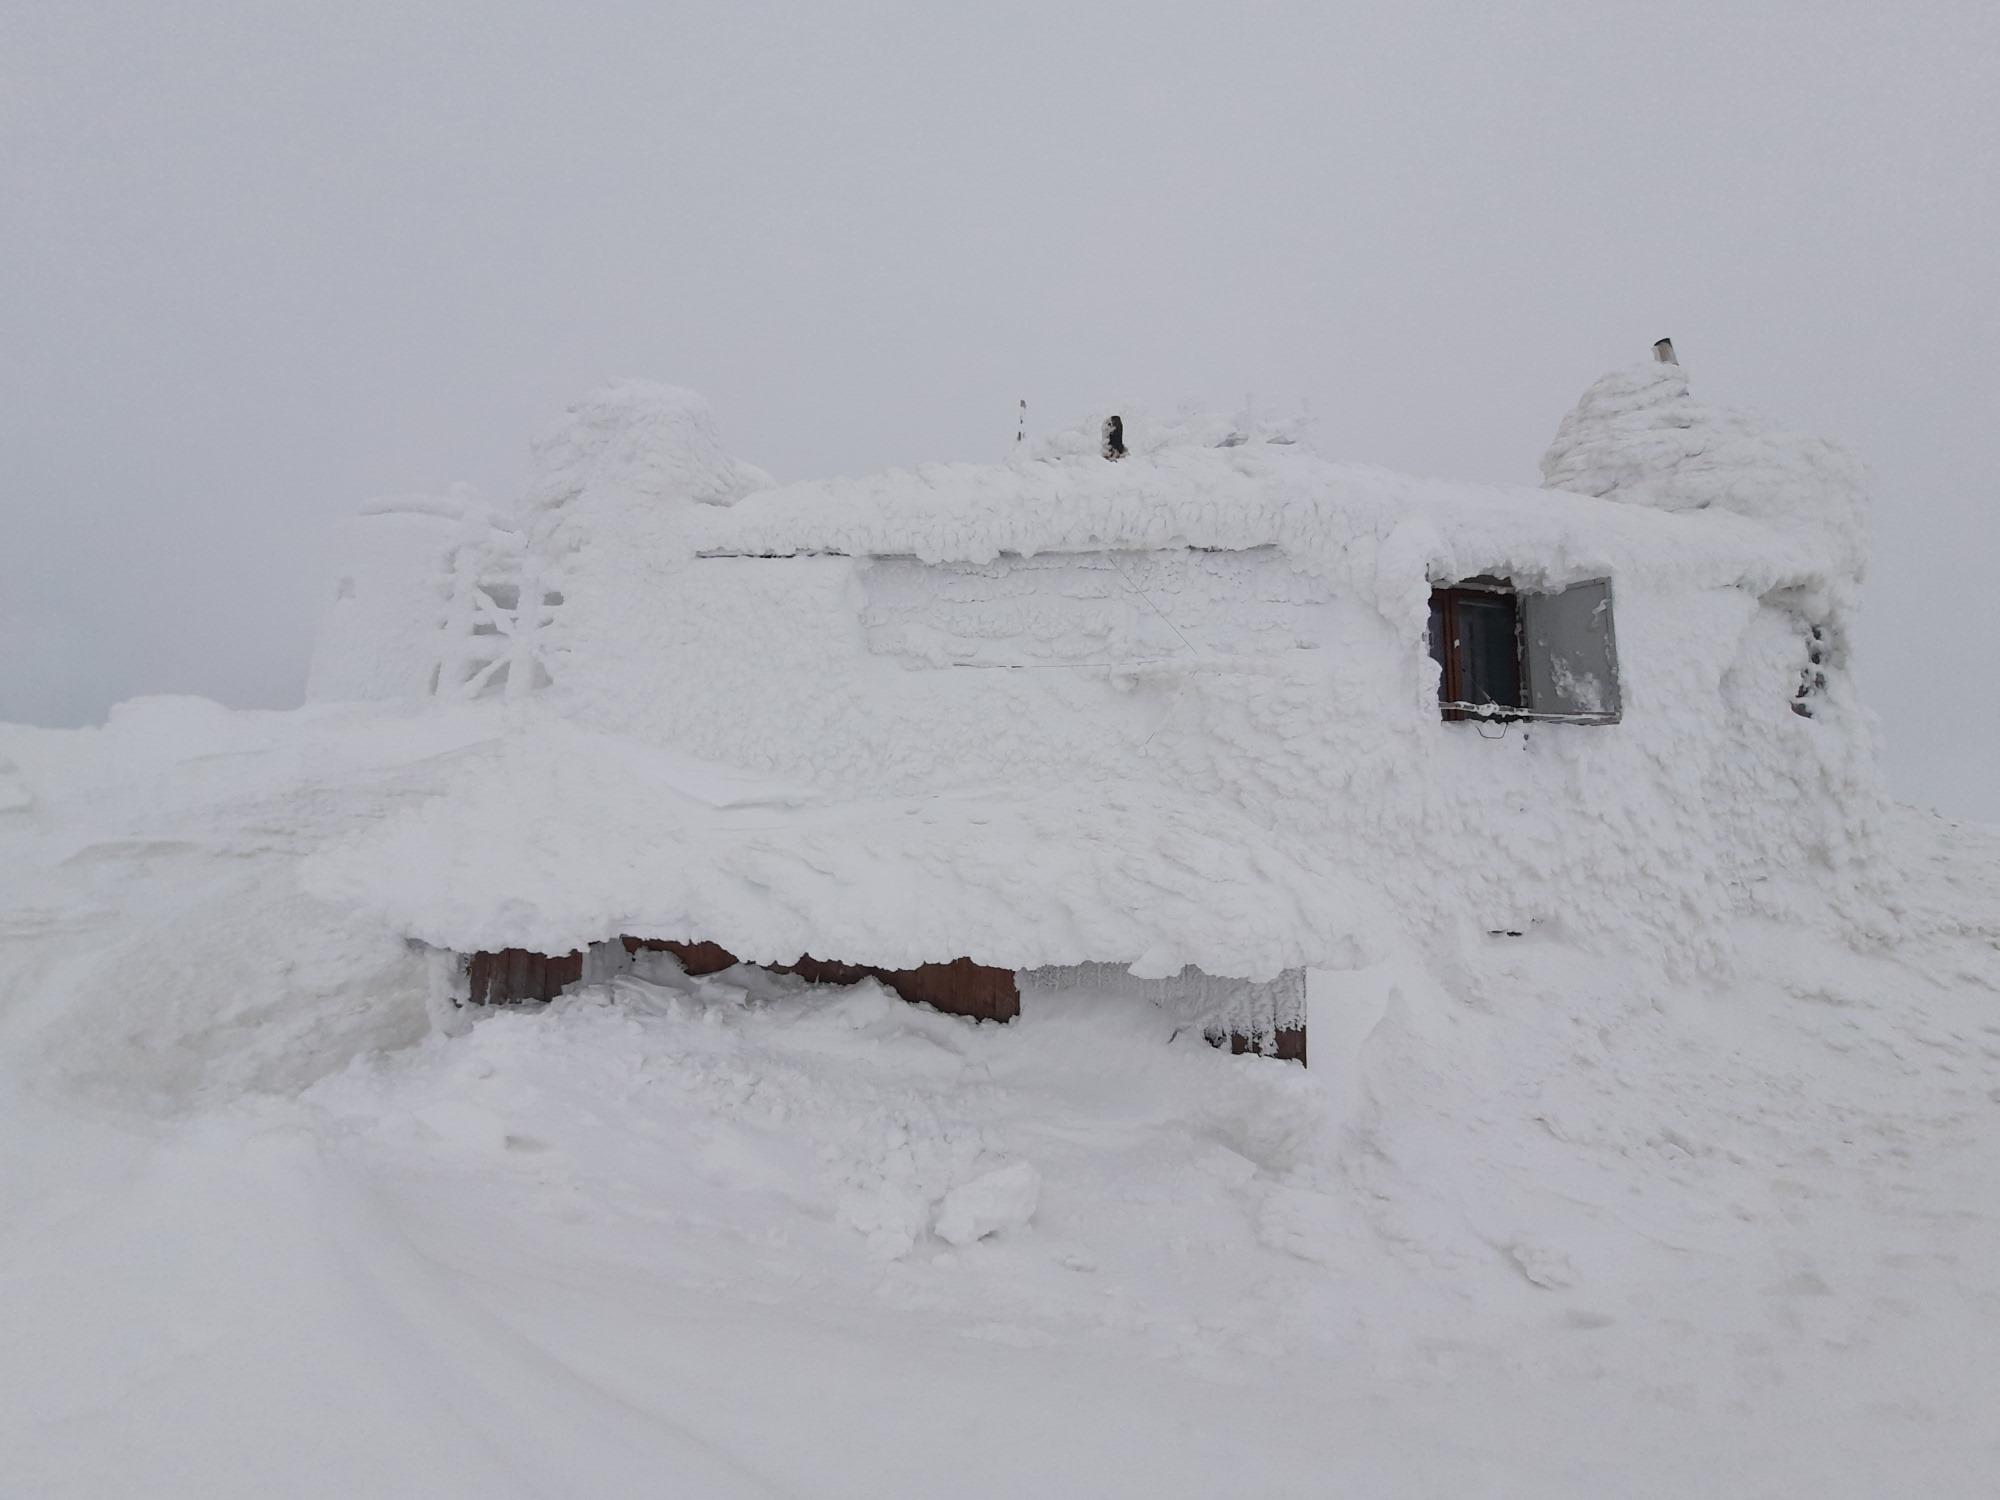 В українських Карпатах місцями намело більше метра снігу. Про це повідомляє відділ гідрологічних прогнозів Українського гідрометцентру.